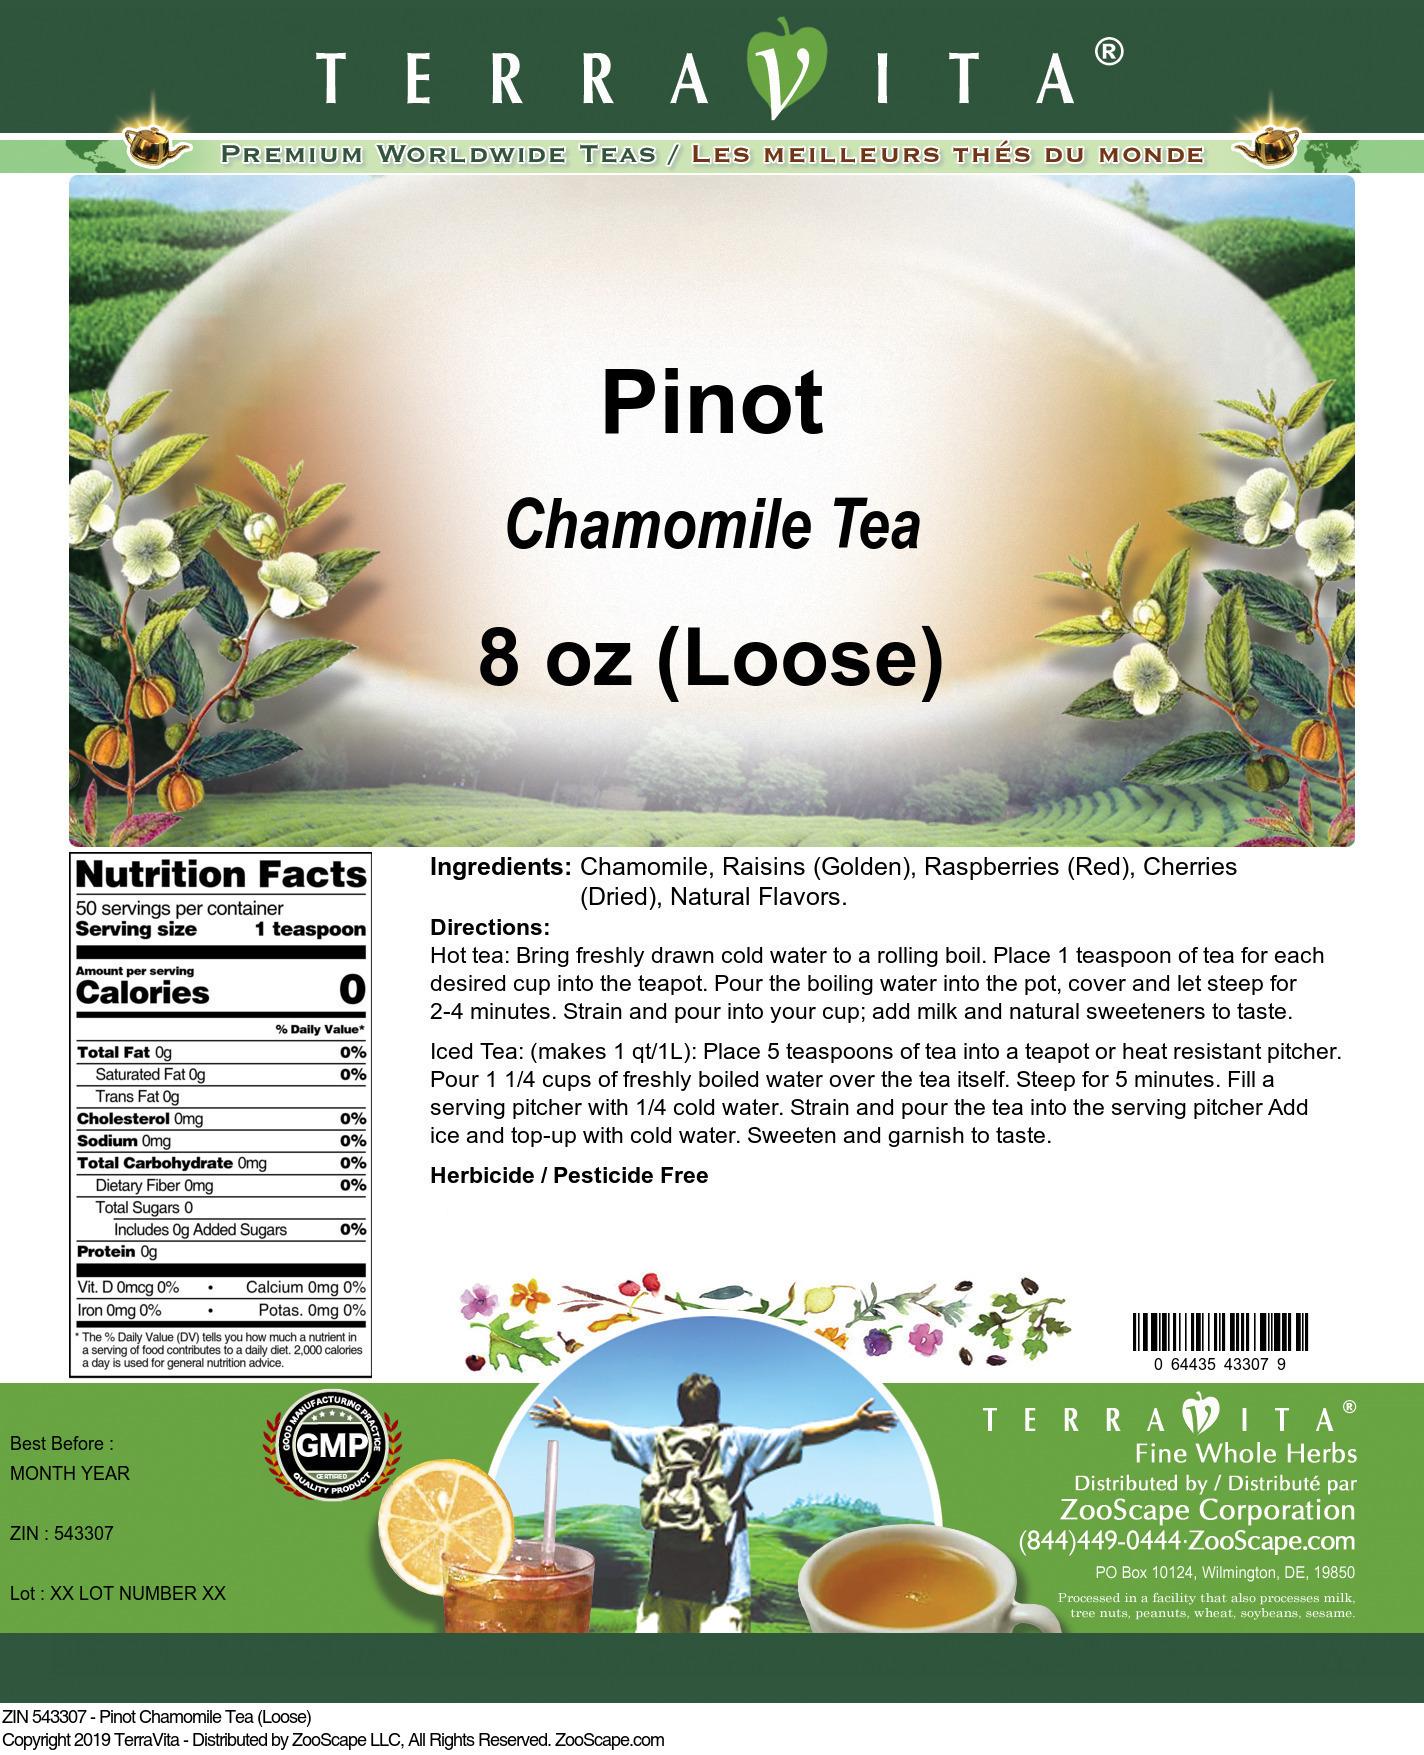 Pinot Chamomile Tea